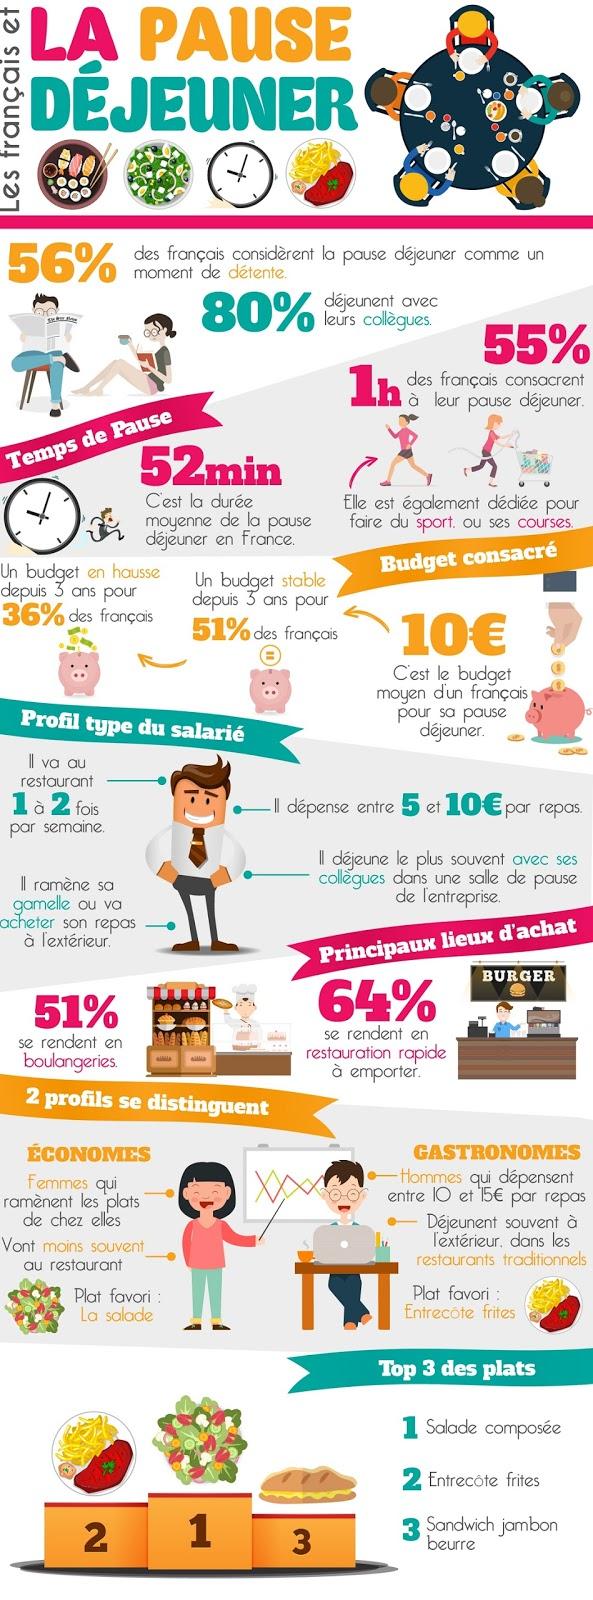 http://www.chd-expert.fr/images/CHD/infographiques/Infographie%20Les%20francais%20et%20la%20pause%20dejeuner_CHD%20Expert.jpg